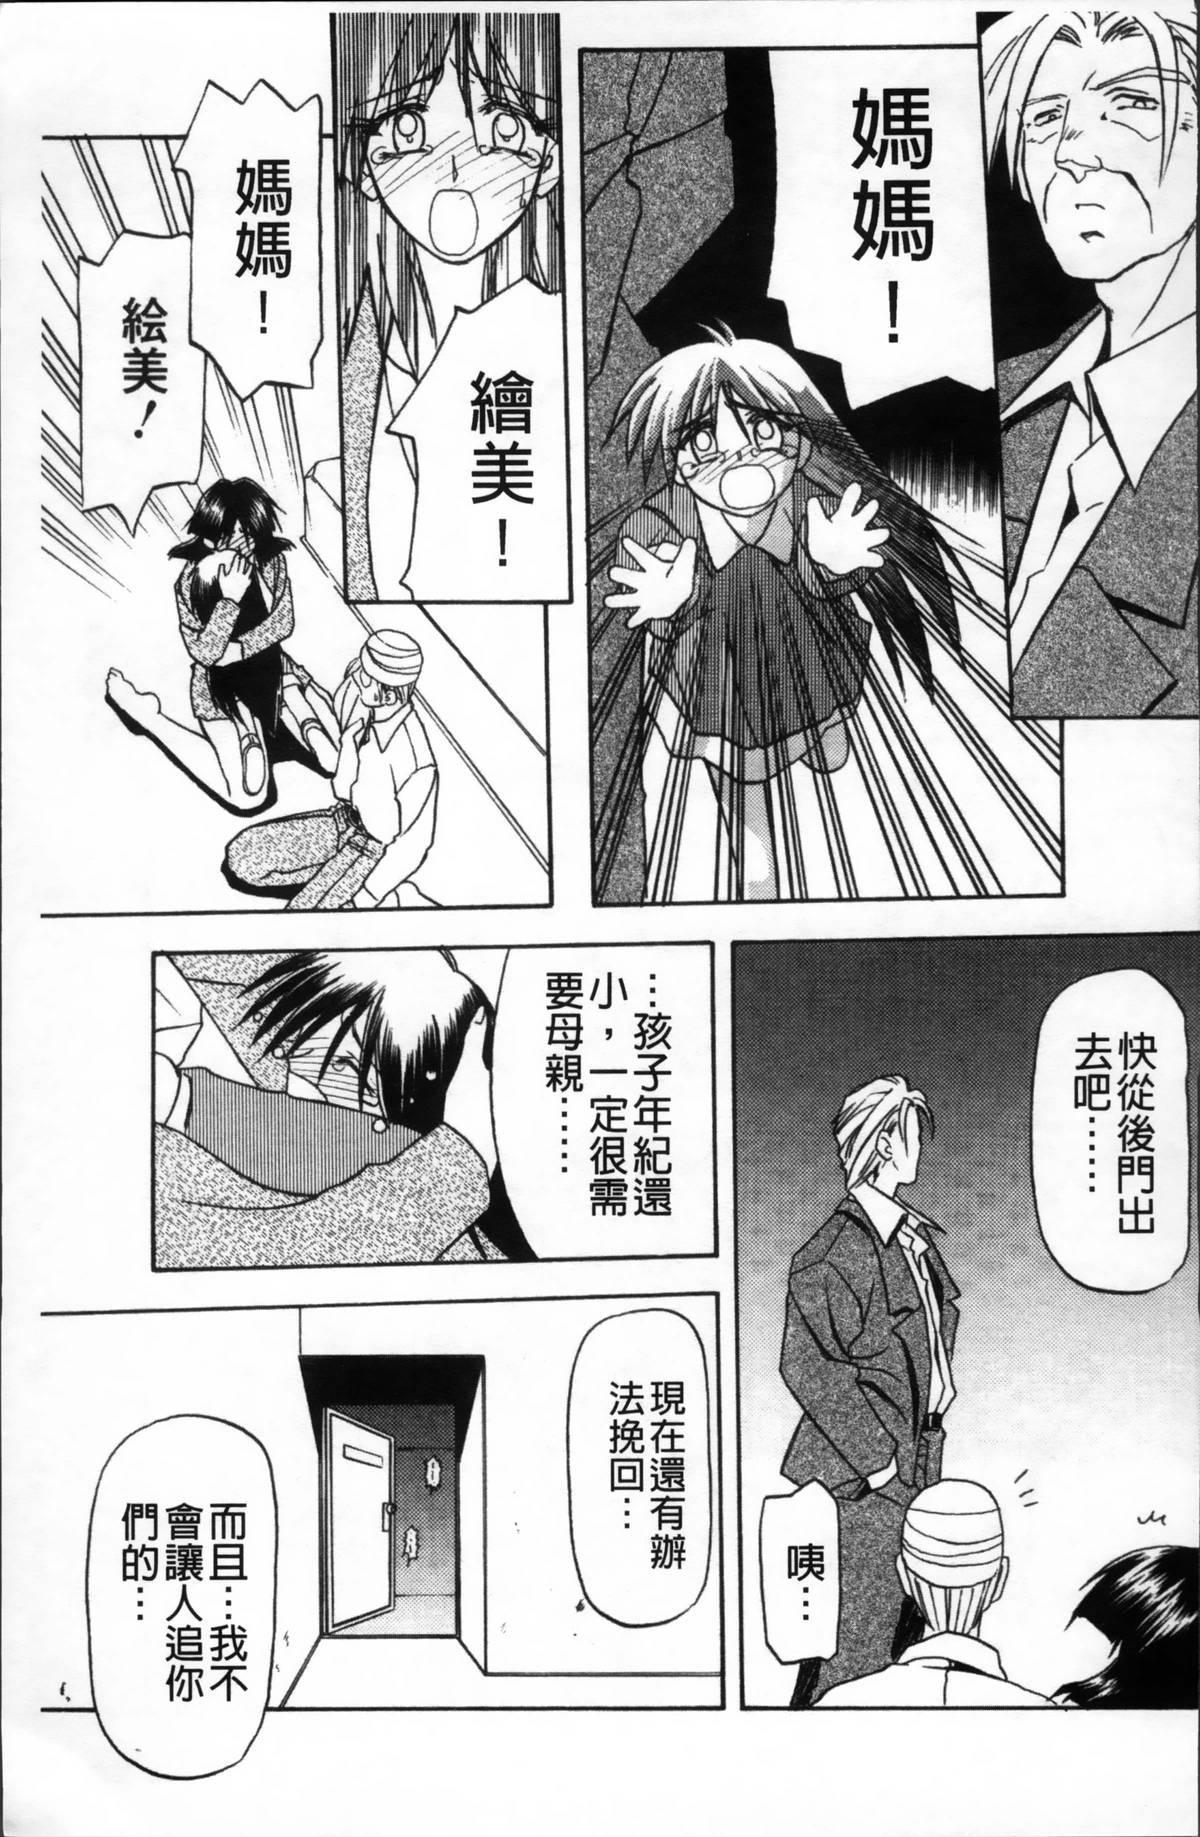 Hiiro no Koku Kanzenban   緋色之刻 完全版 296